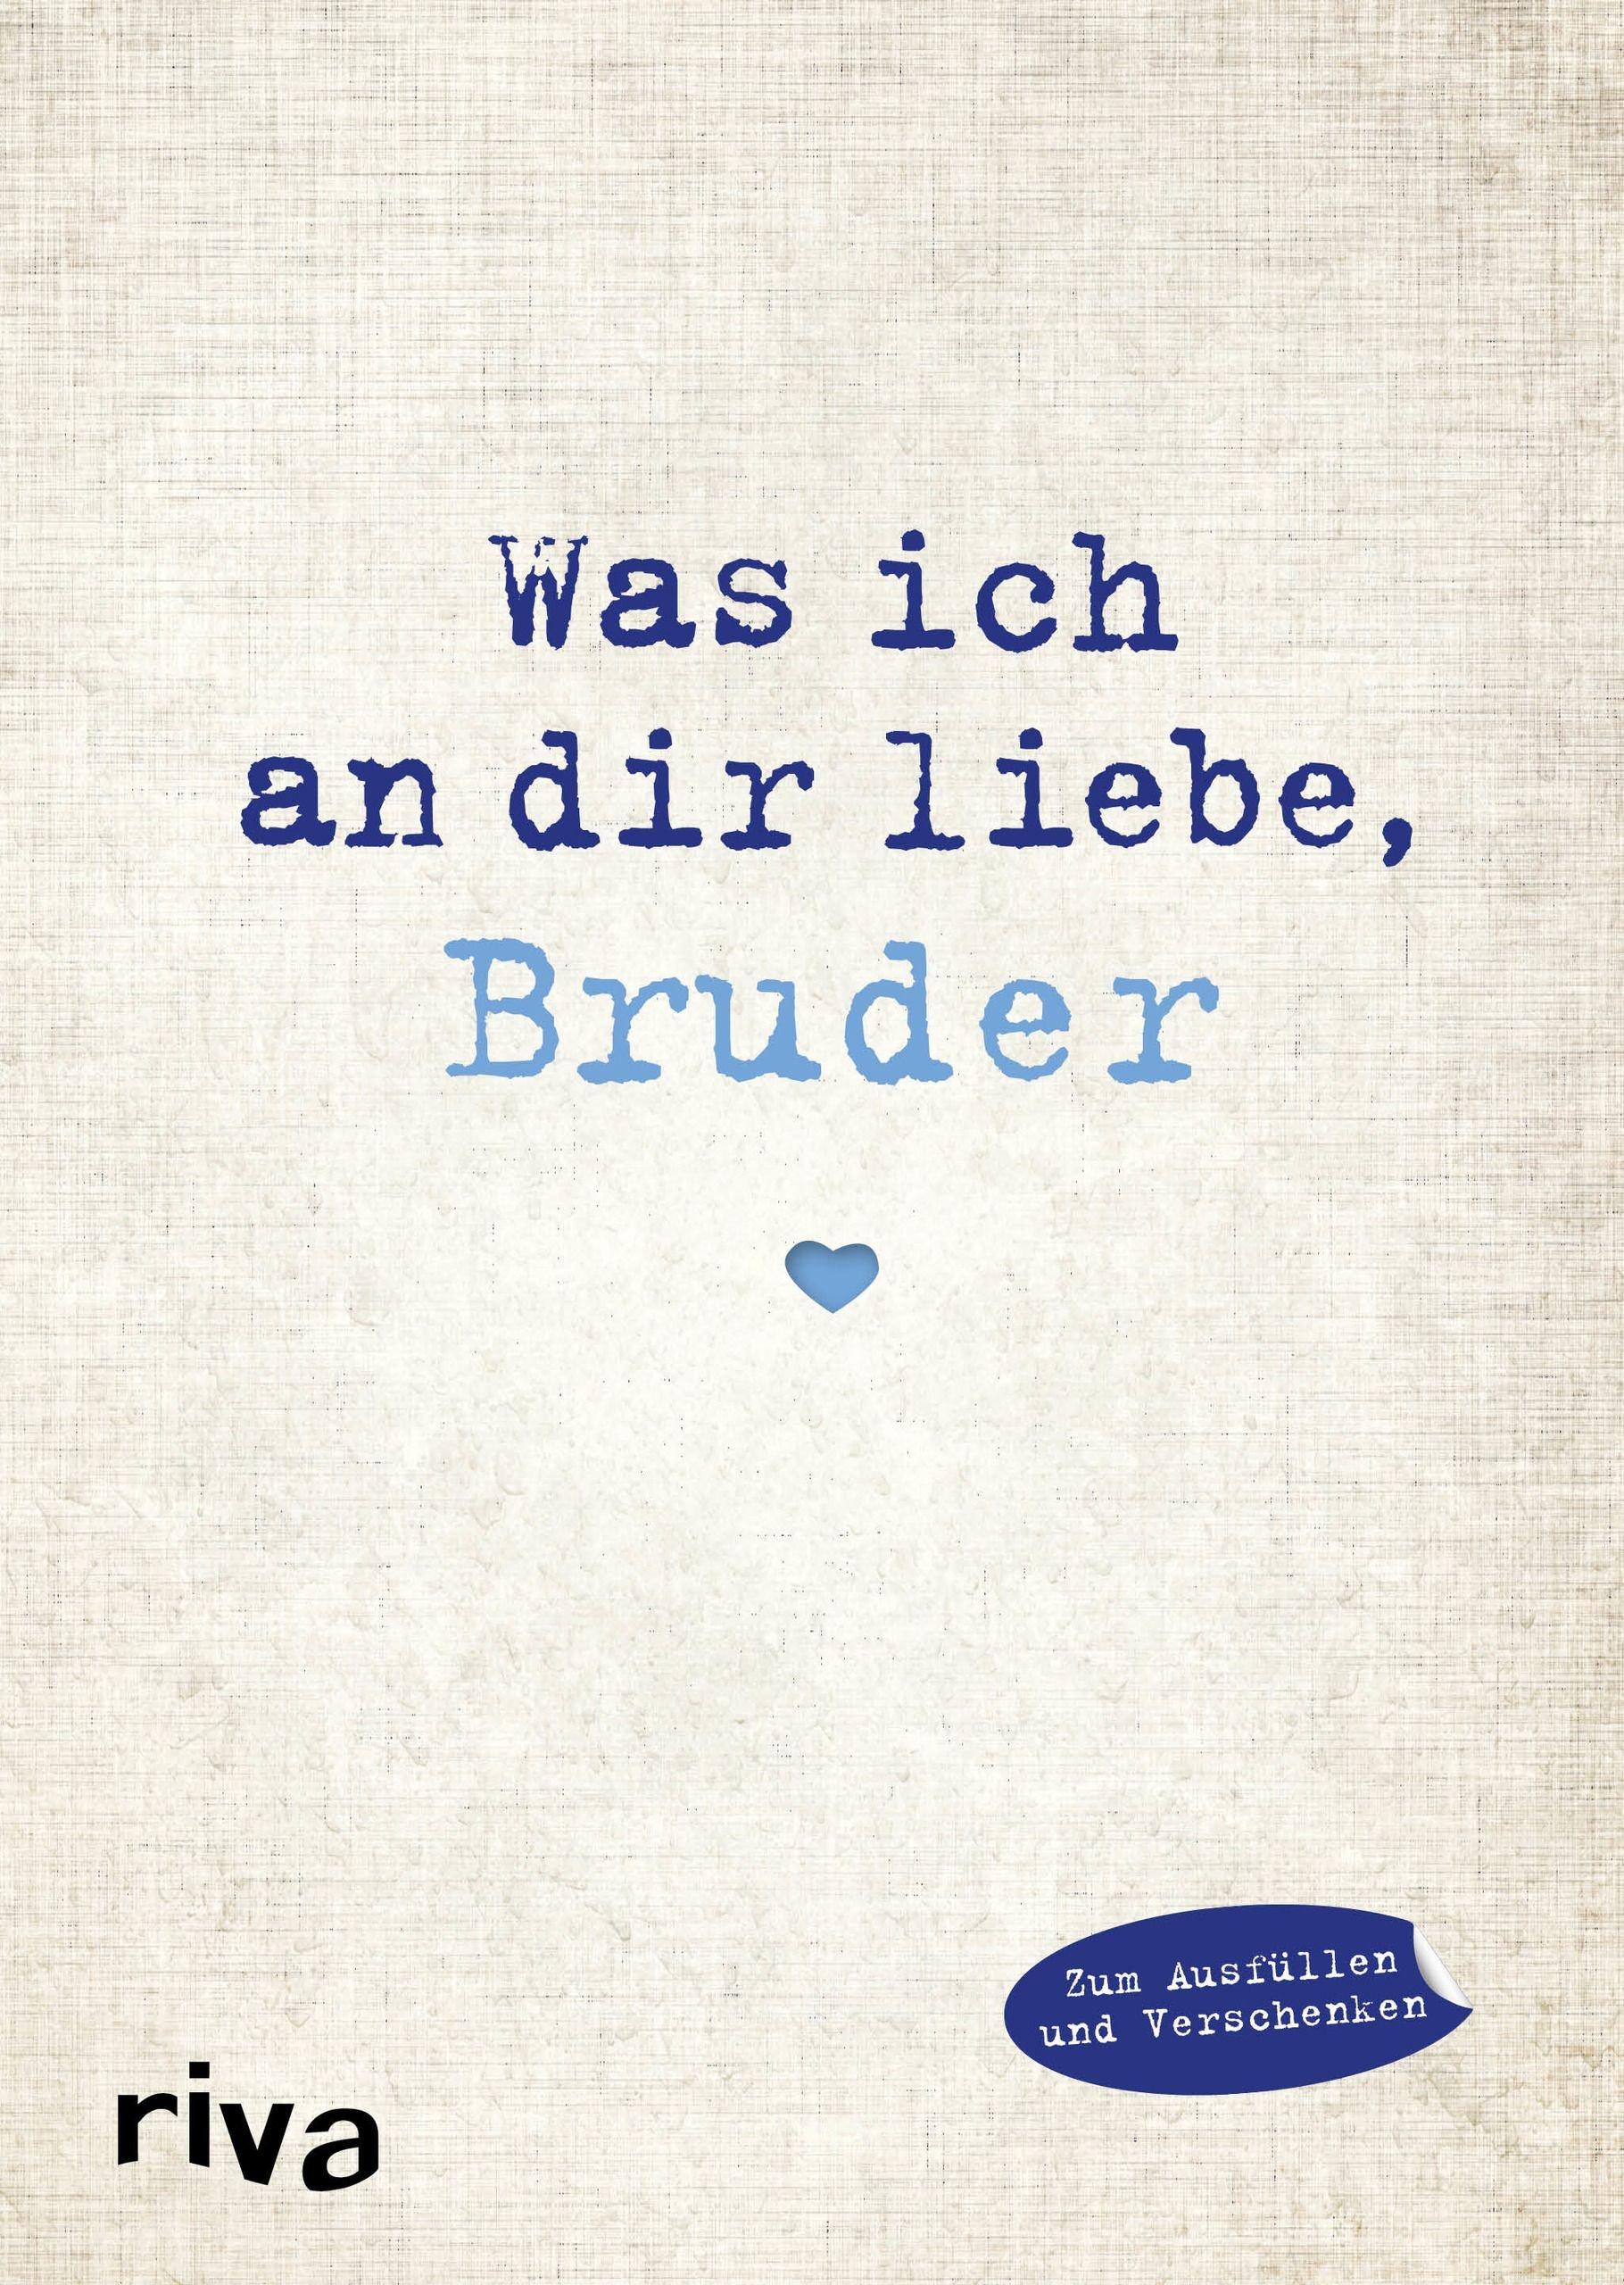 Was ich an dir liebe, Bruder: Eine originelle Liebeserklärung zum ...